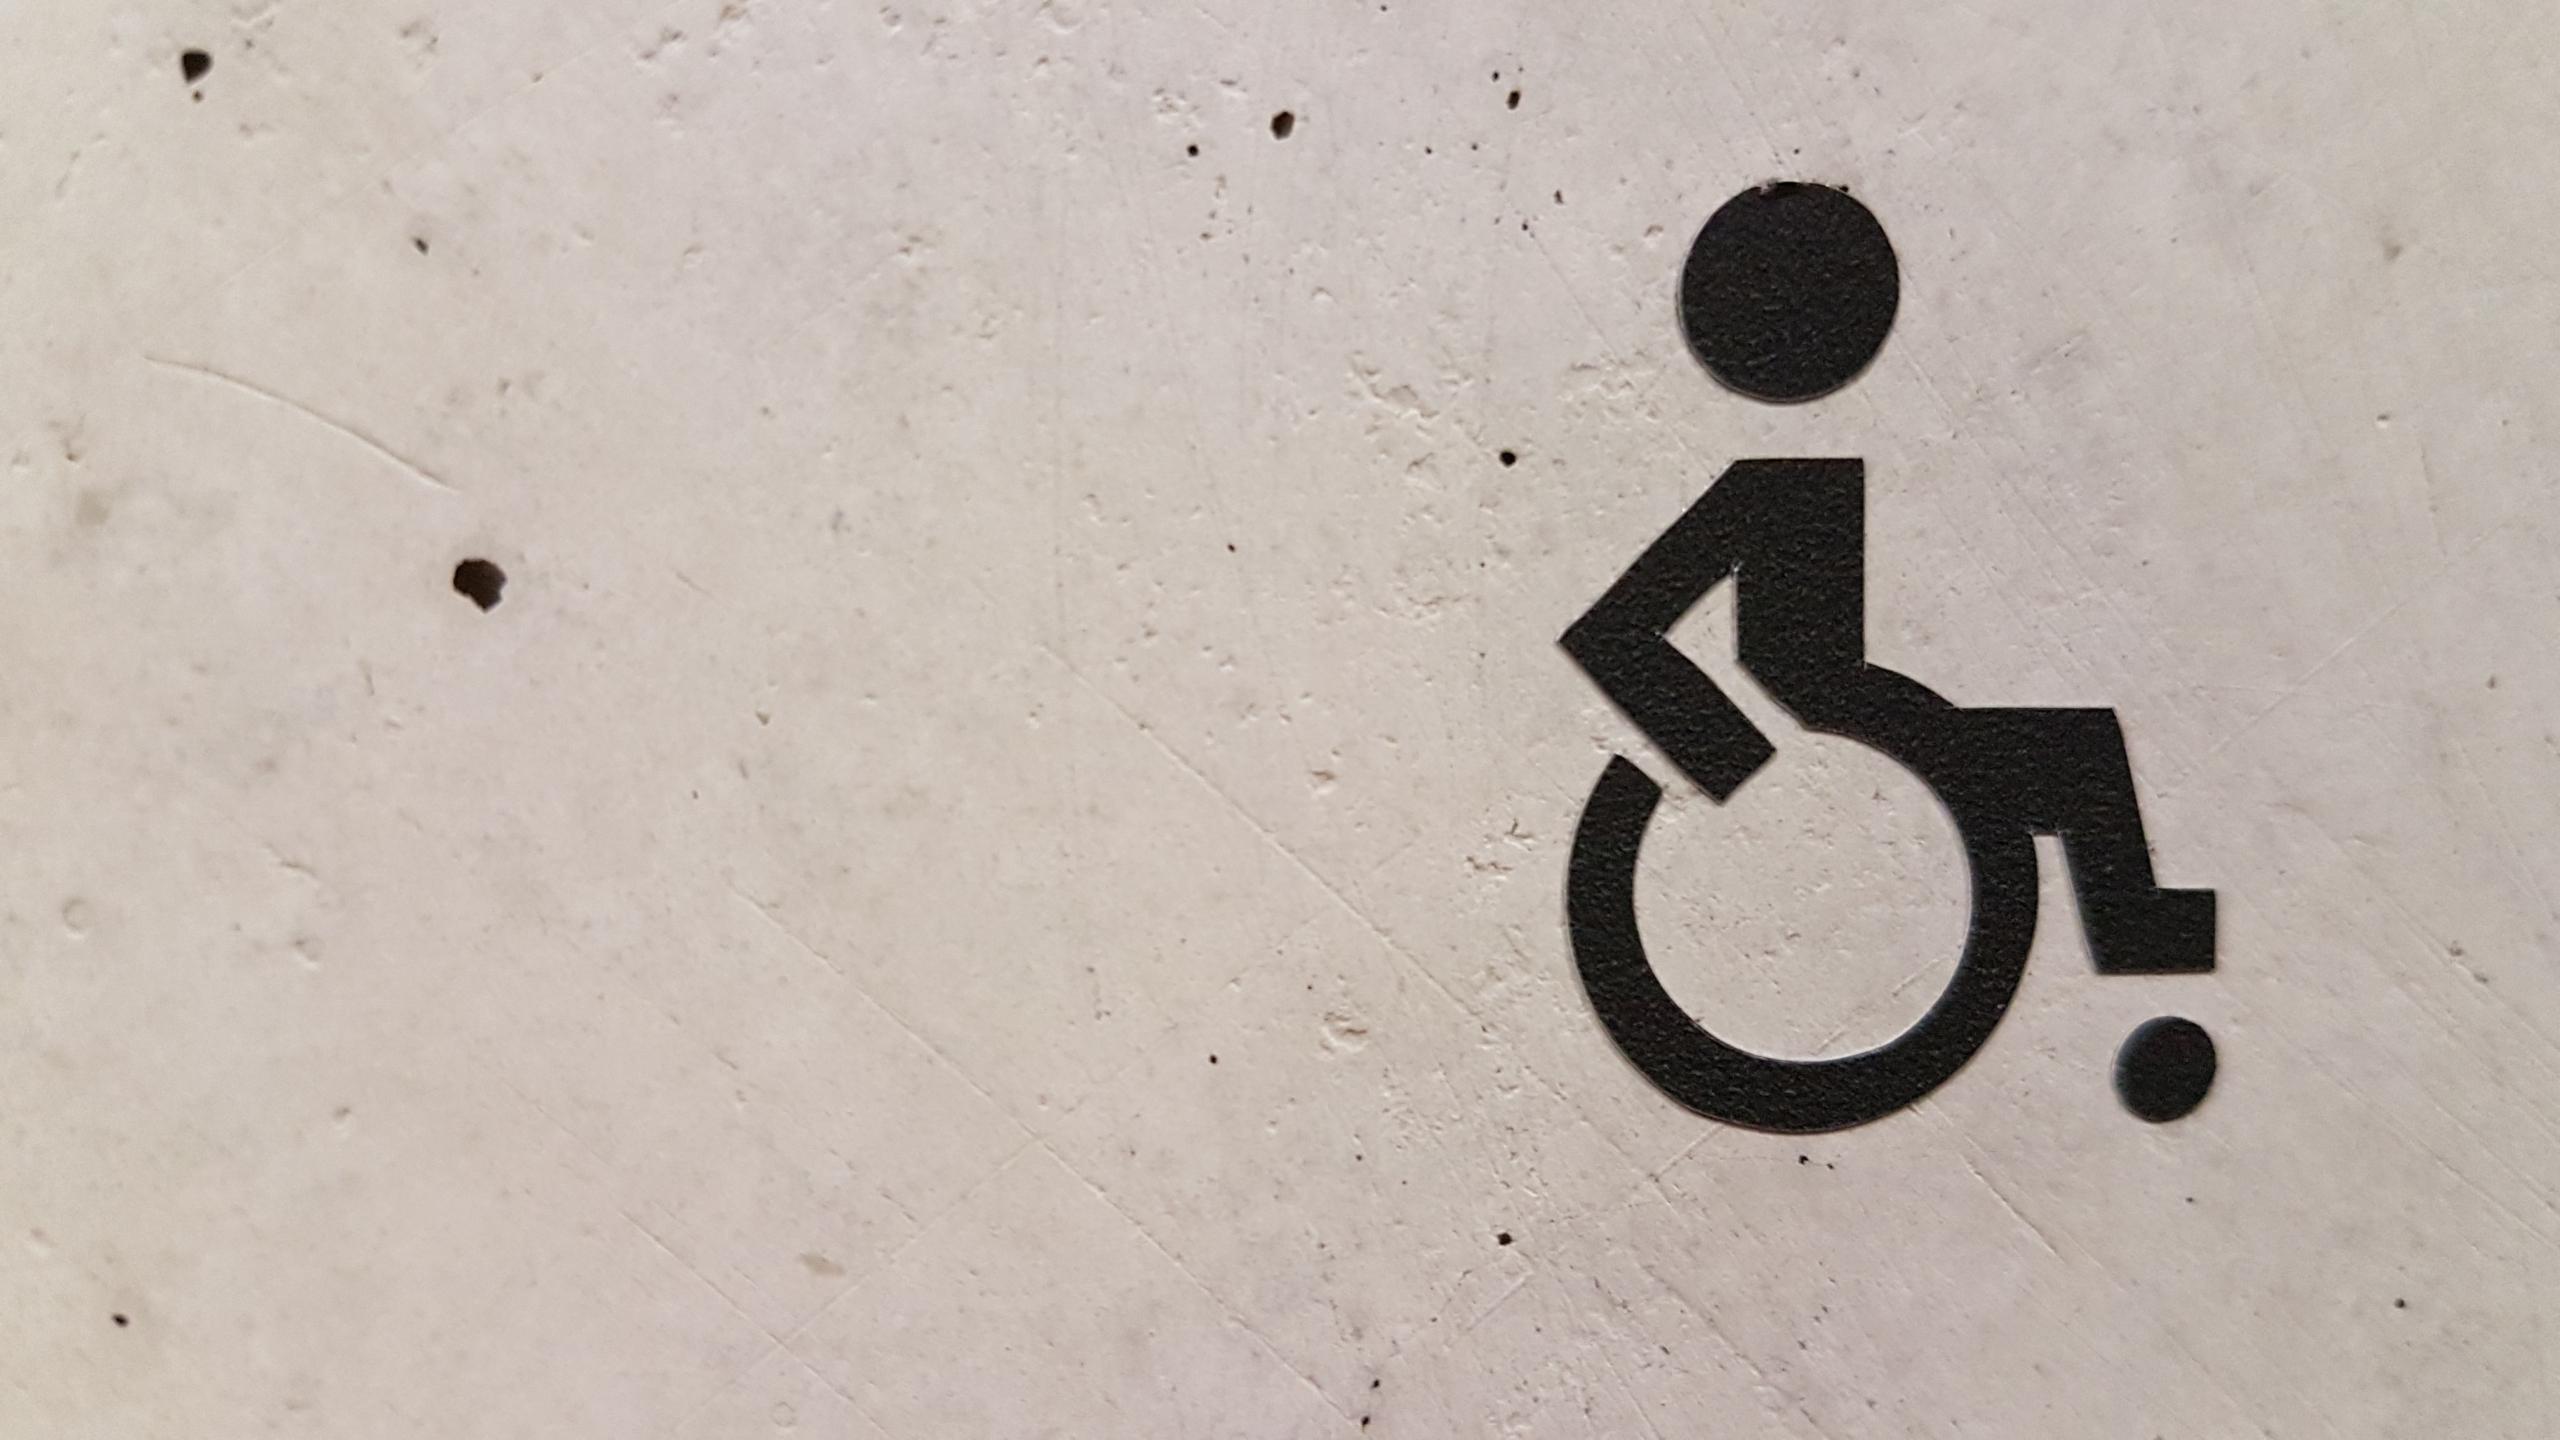 Politiche per la disabilità disallineate dalla Convenzione ONU